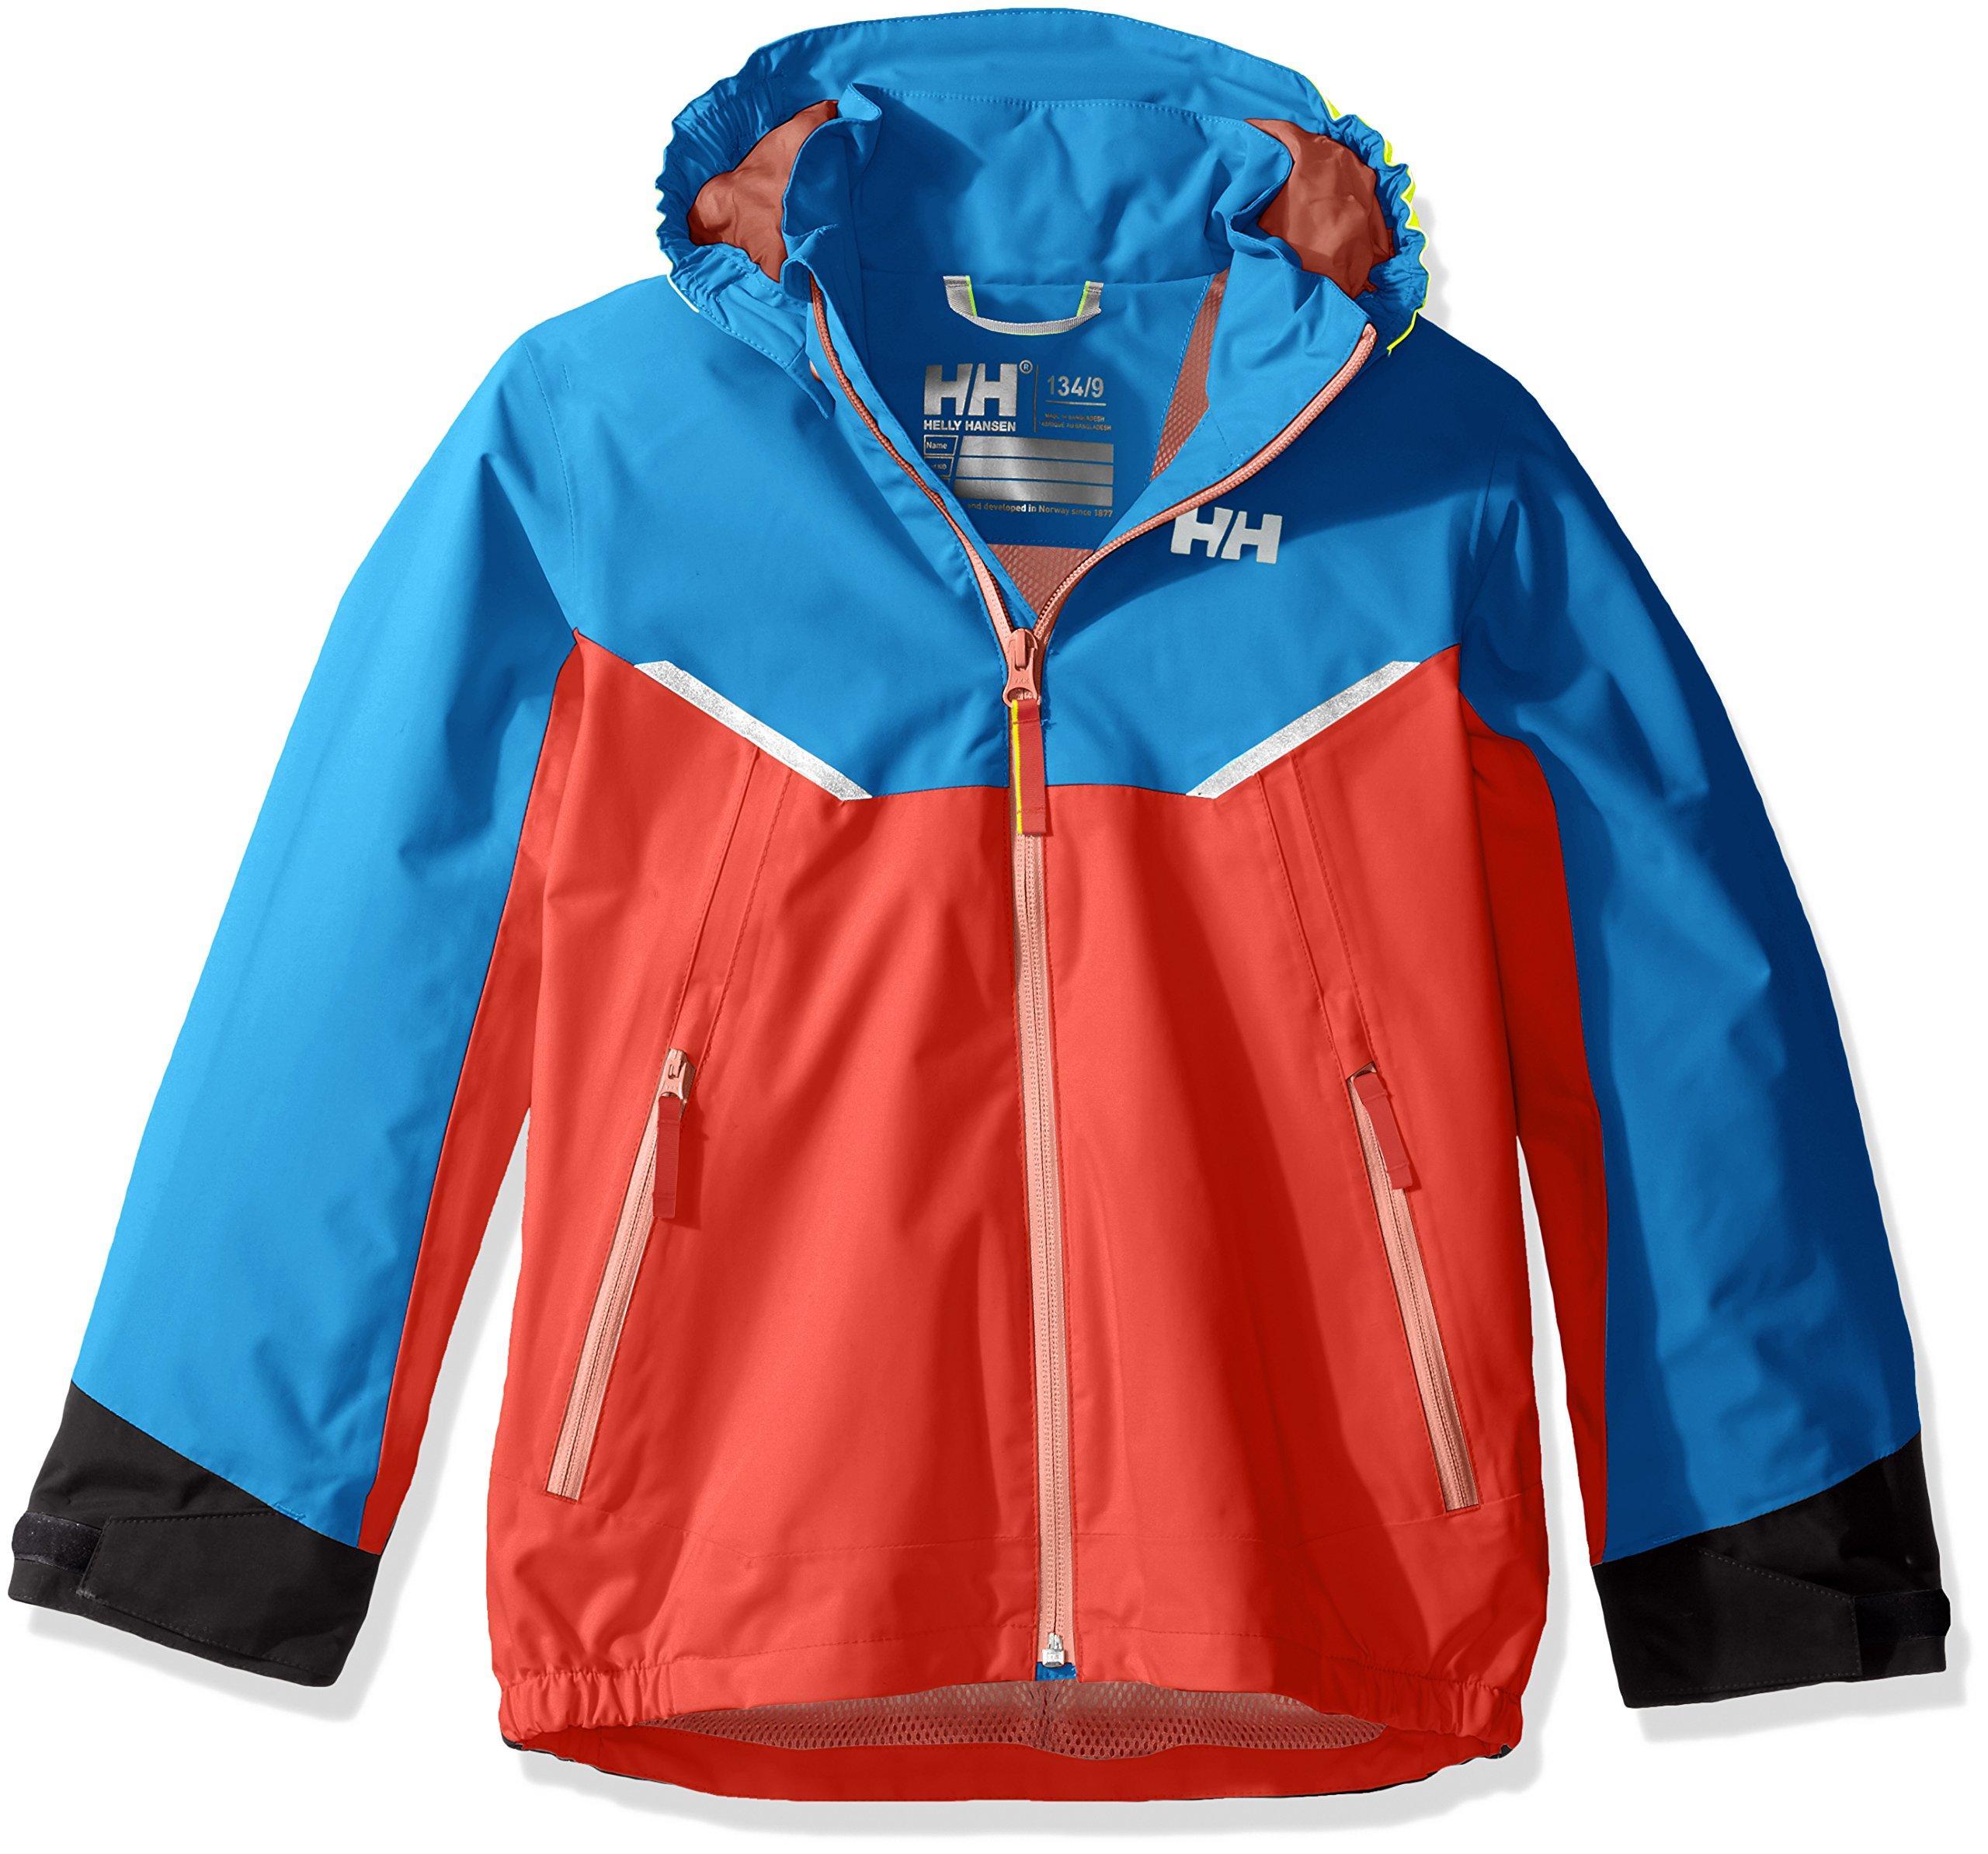 Helly Hansen Kids Shelter Waterproof Rain Jacket Coat, 102 Cayenne, Size 7